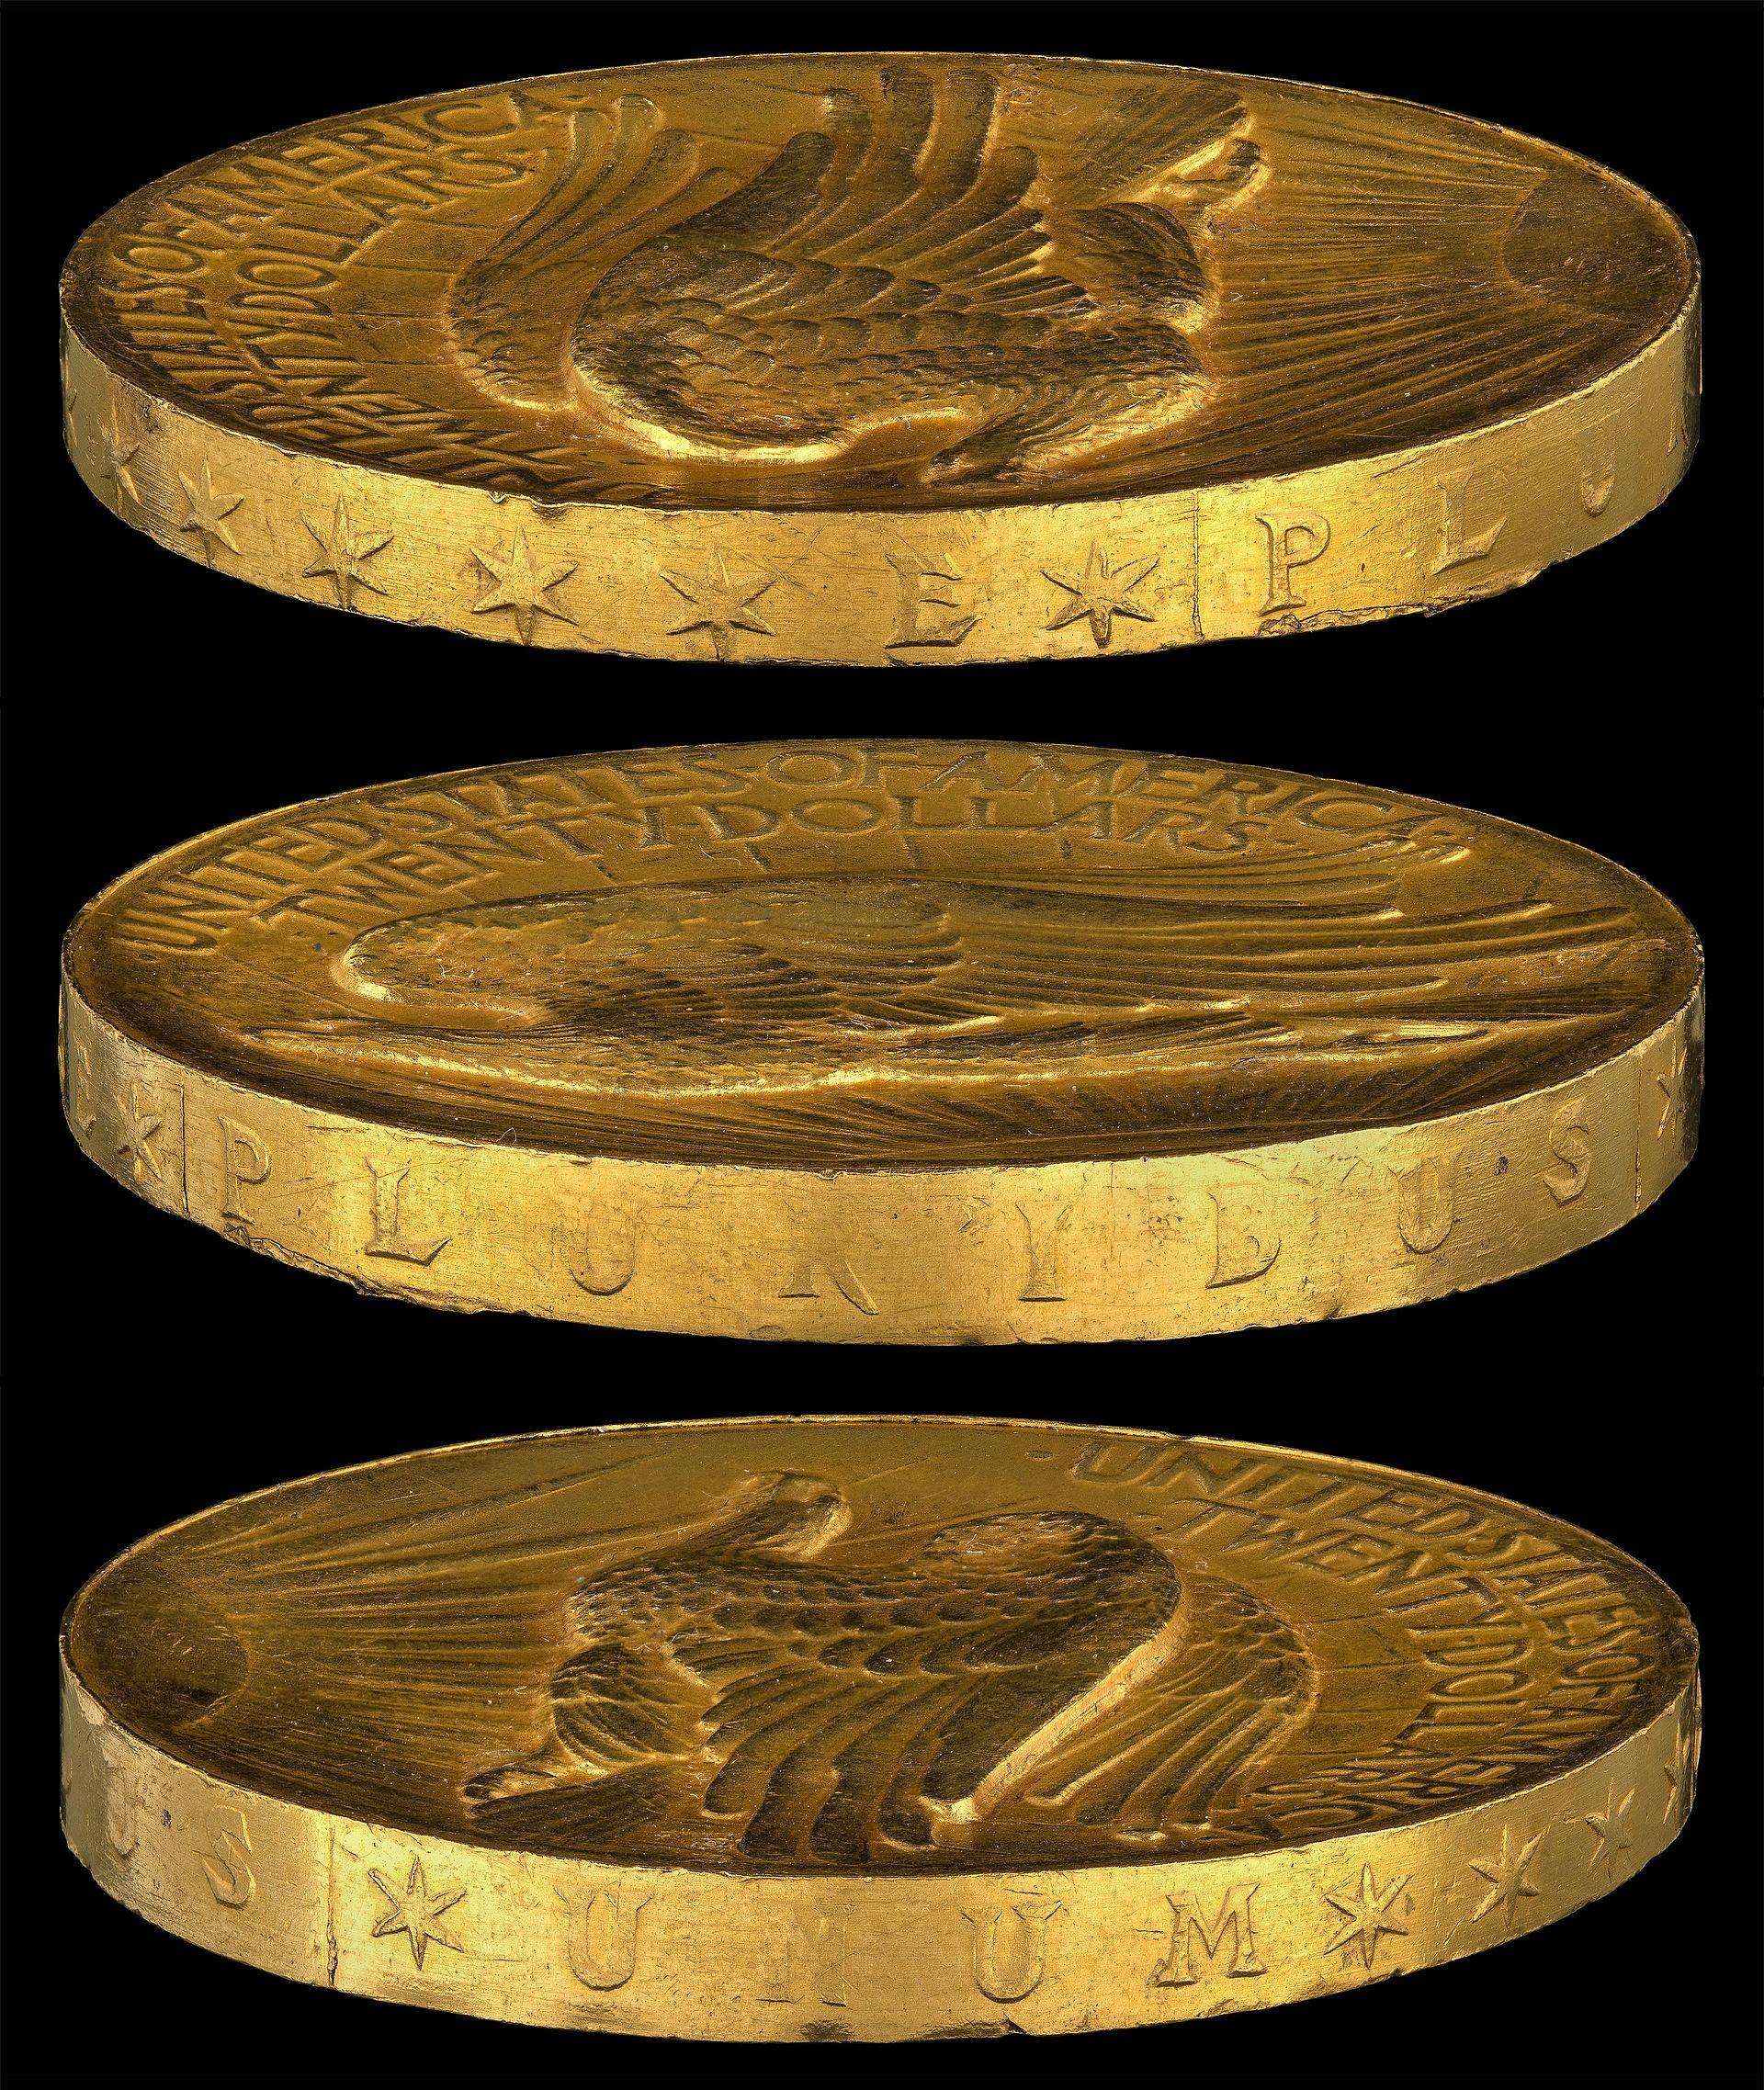 Détails relief 20 dollars Saint Gaudens 1907